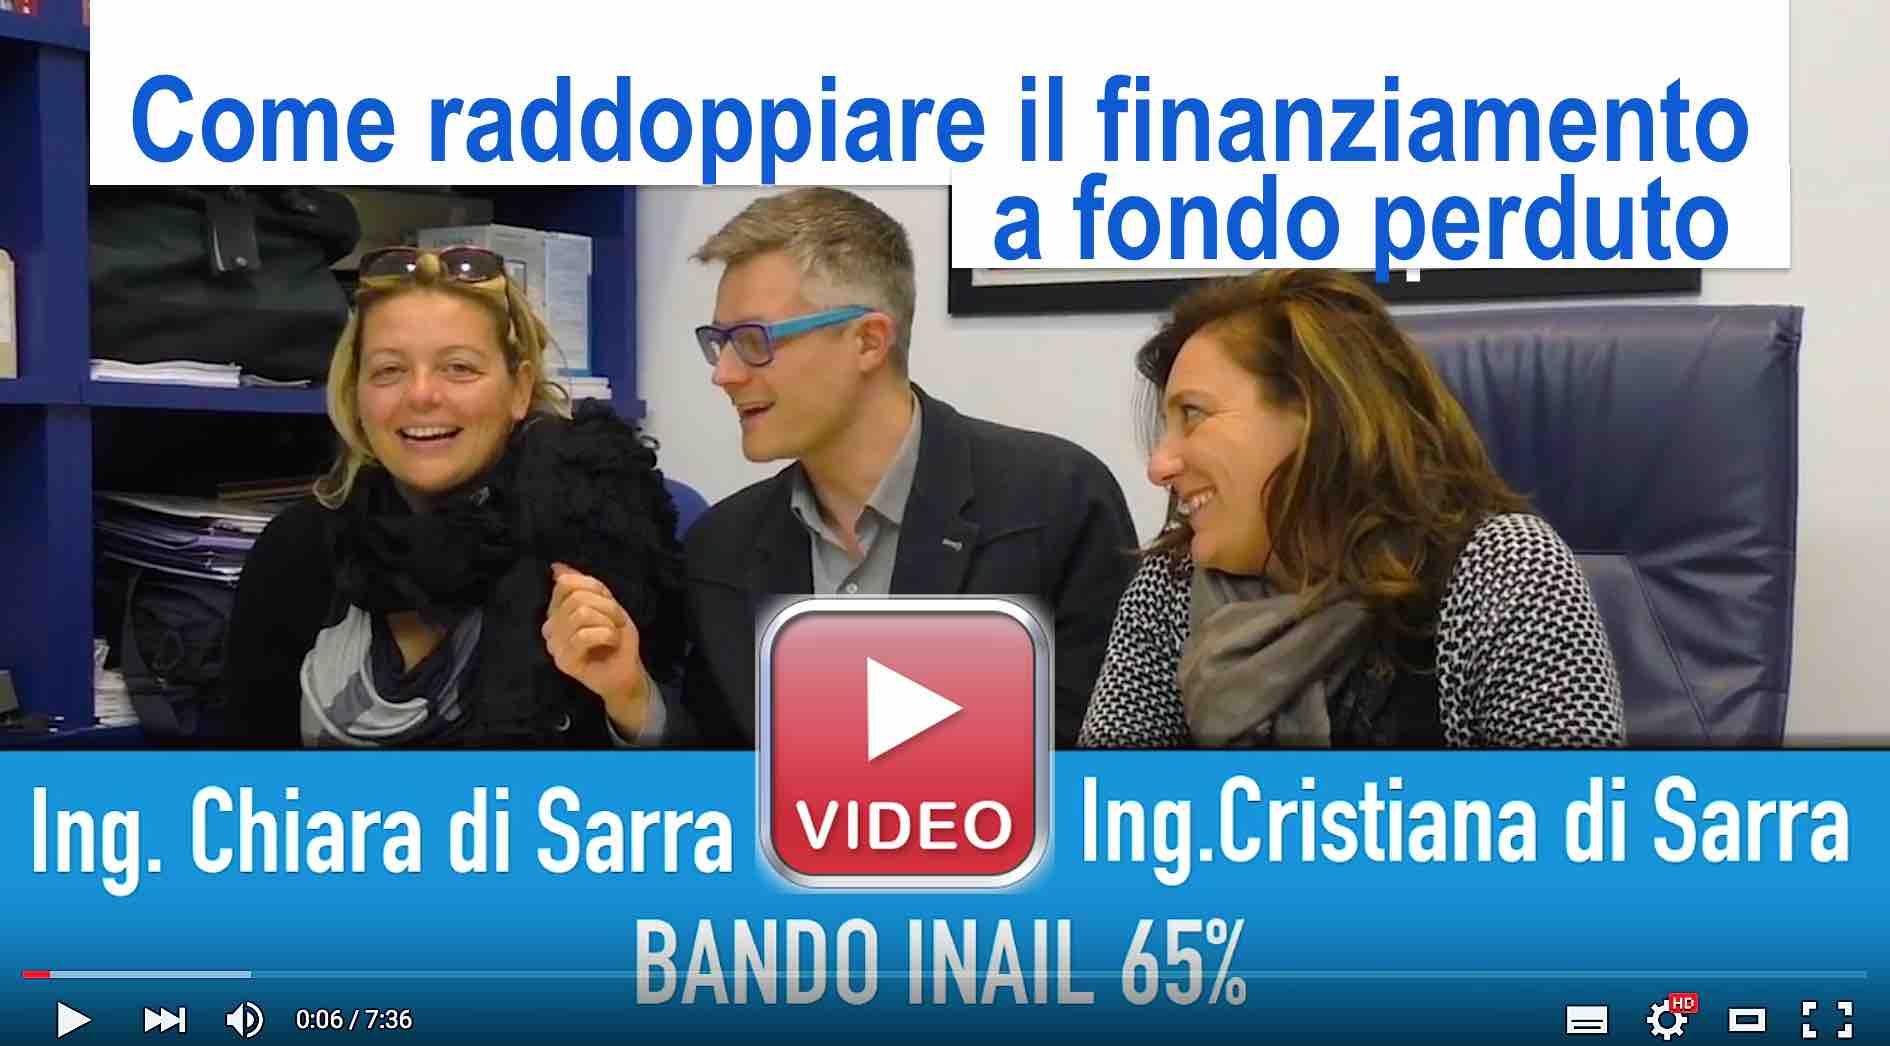 Bando inail 65% Raddoppiare finanziamento ContributiRegione Centurioni